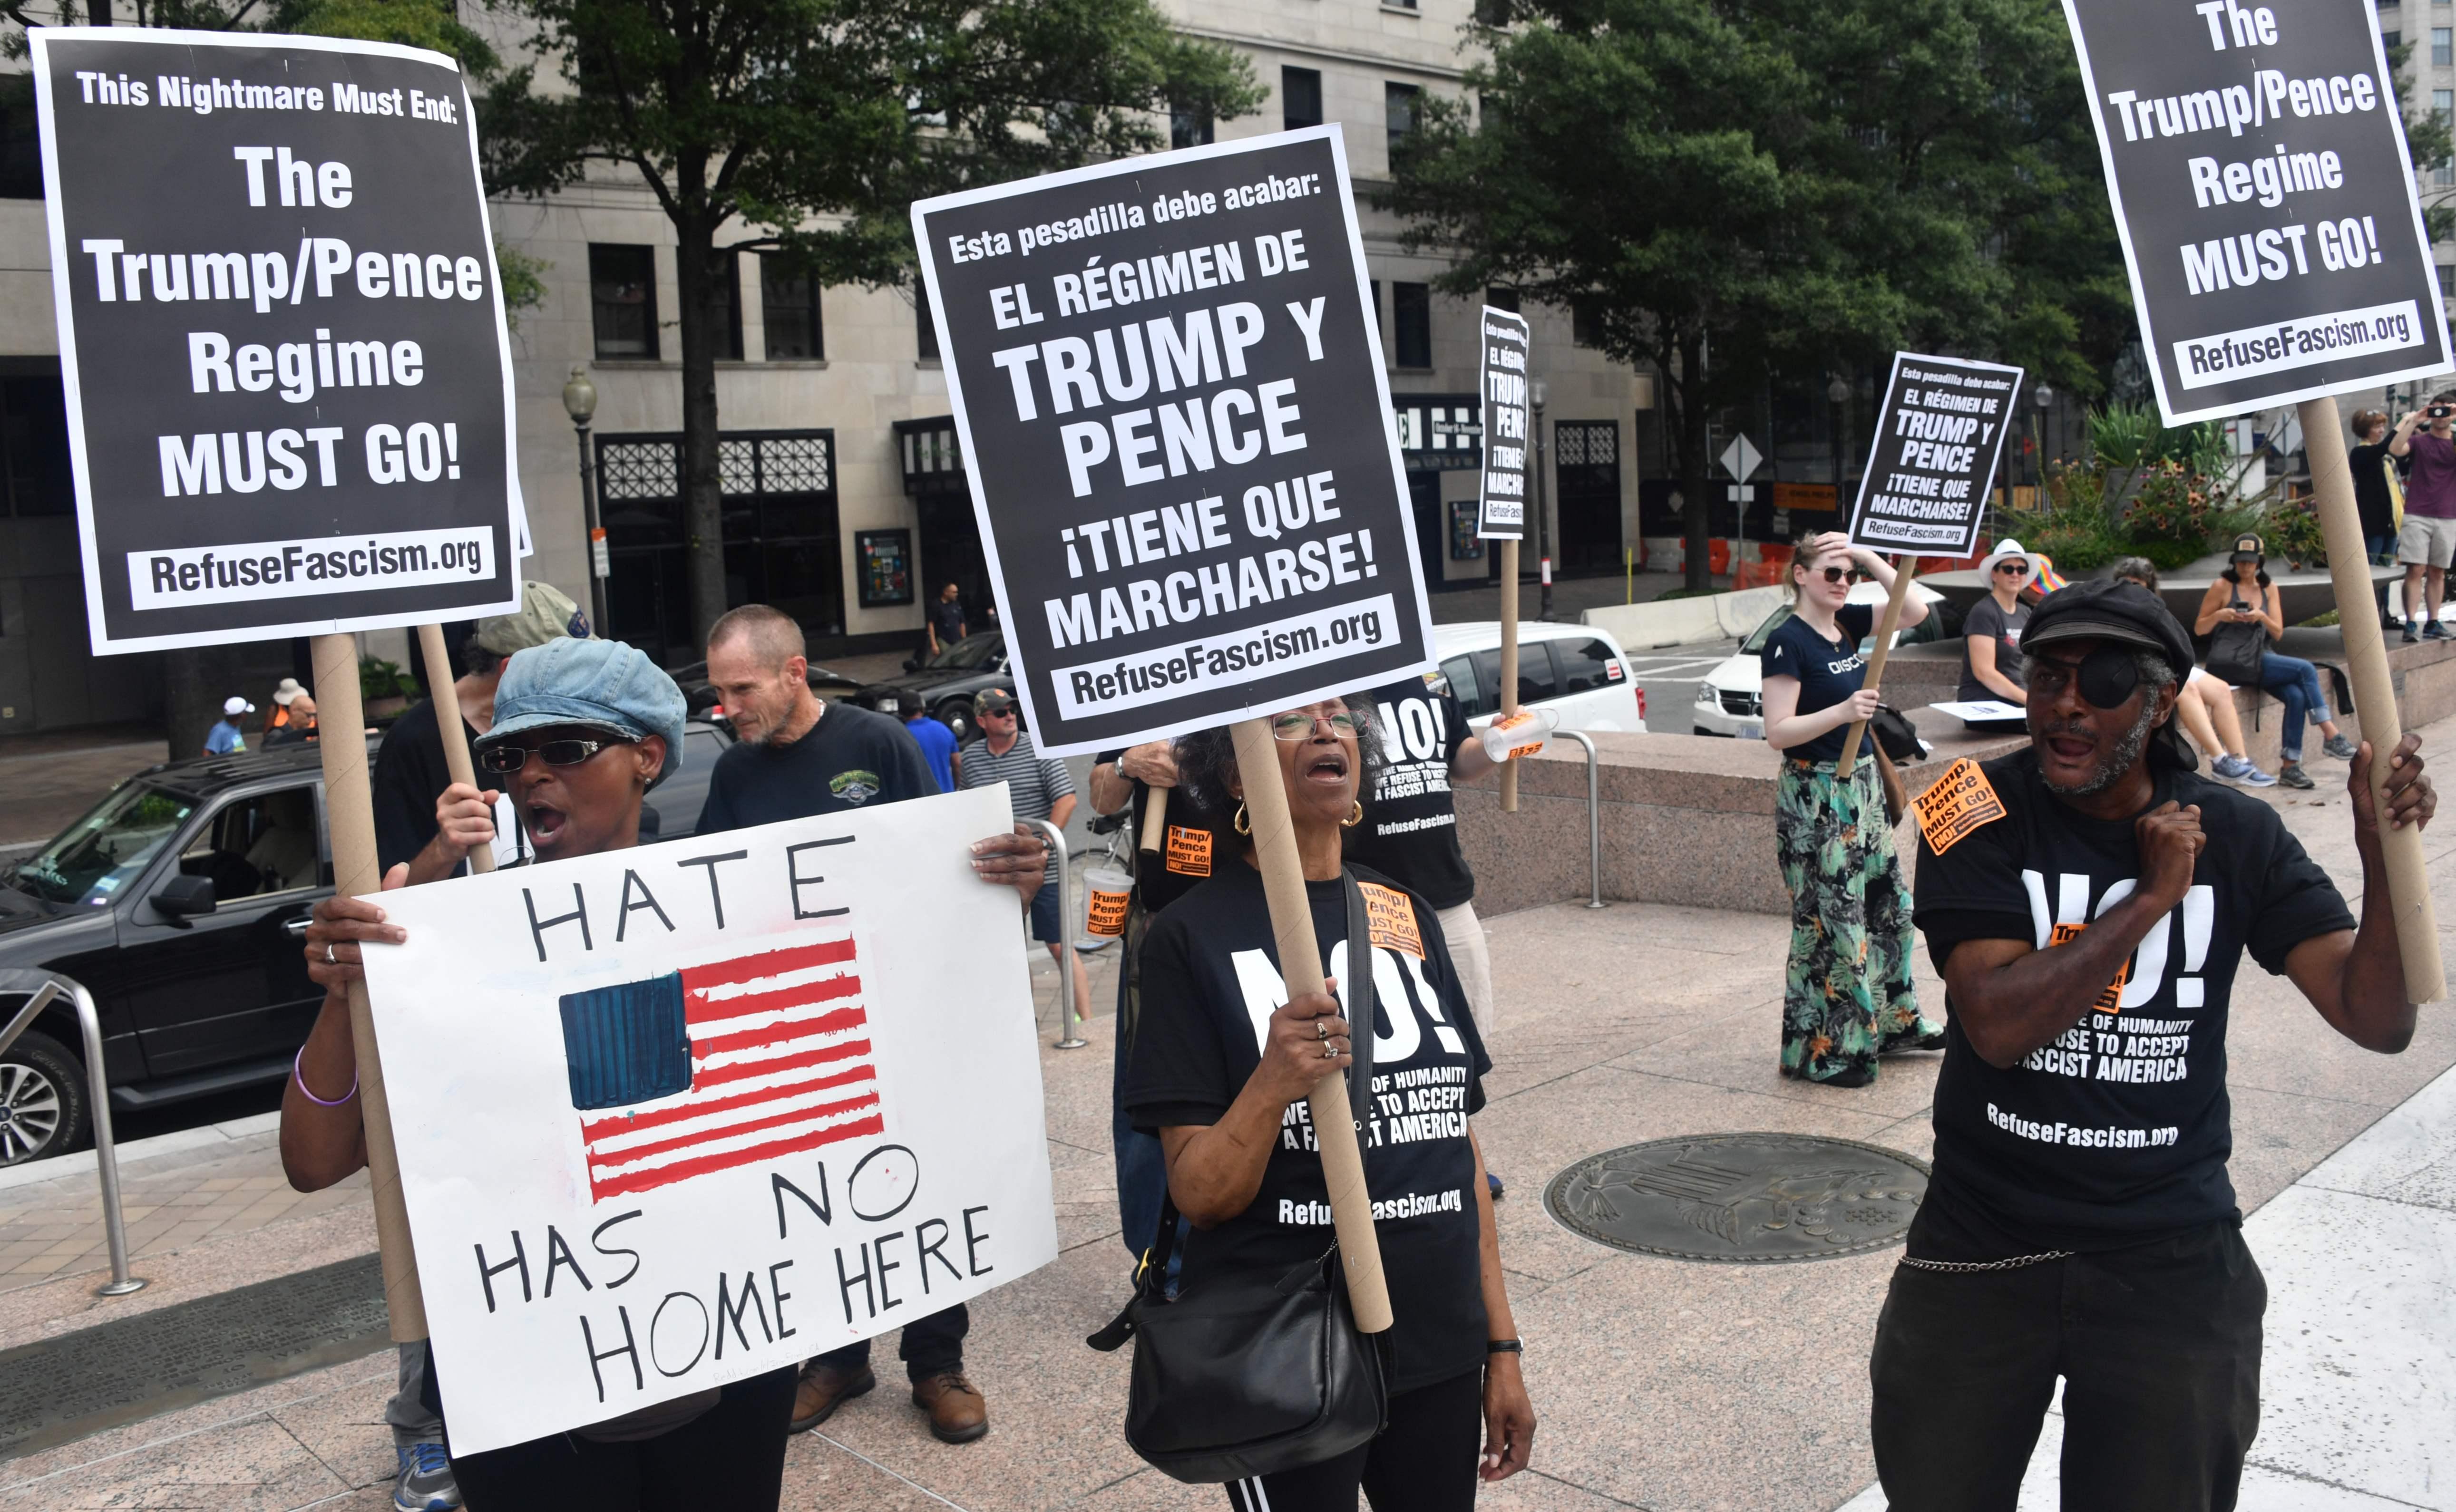 مظاهرات القوميون فى أمريكا